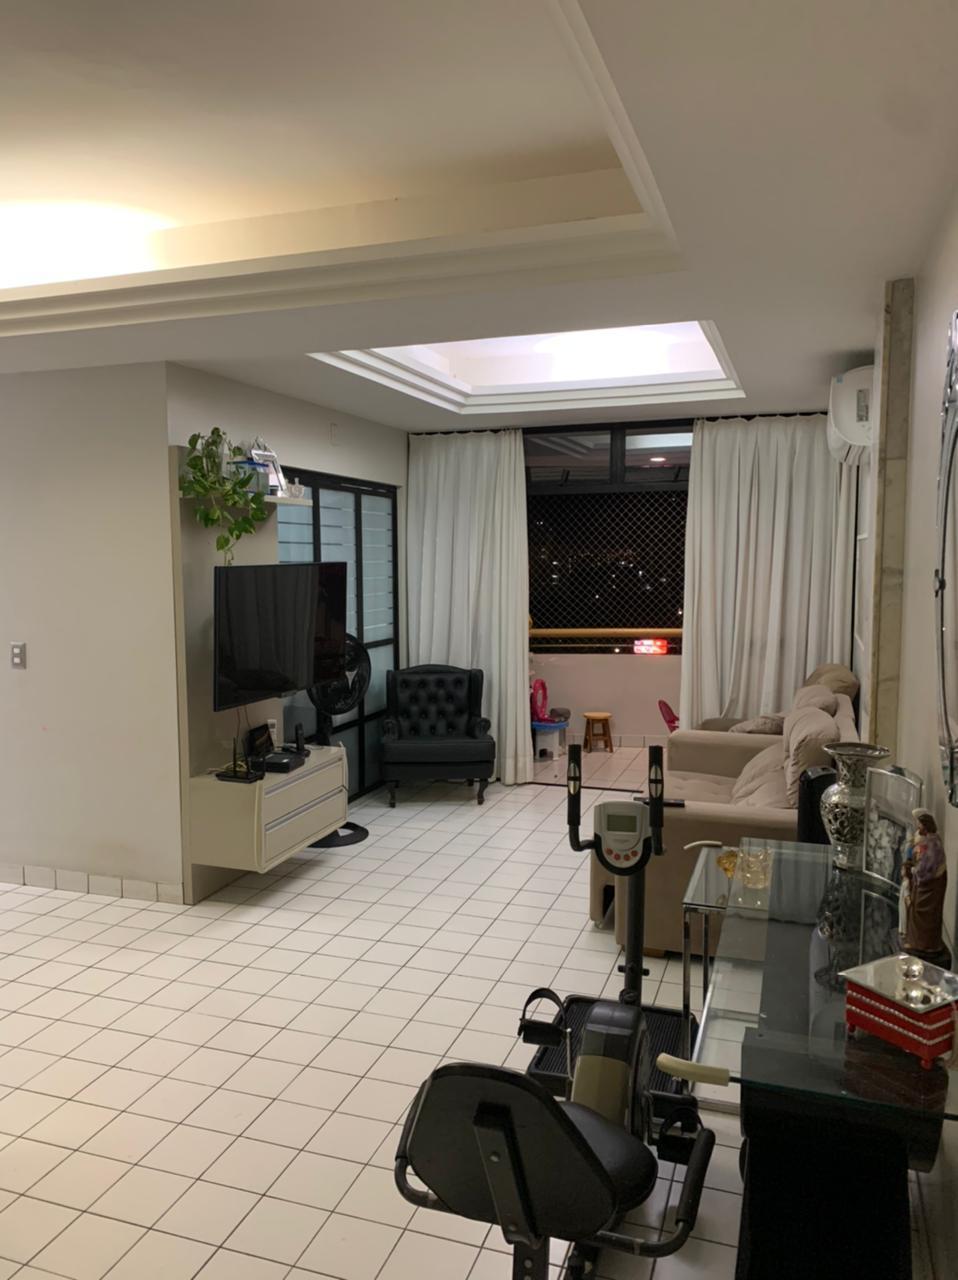 Apartamento para venda com 3 quartos sendo 1 suíte, 2 vagas de garagem, móveis planejados próximo avenidas Dom Severino e Homero Castelo Branco.